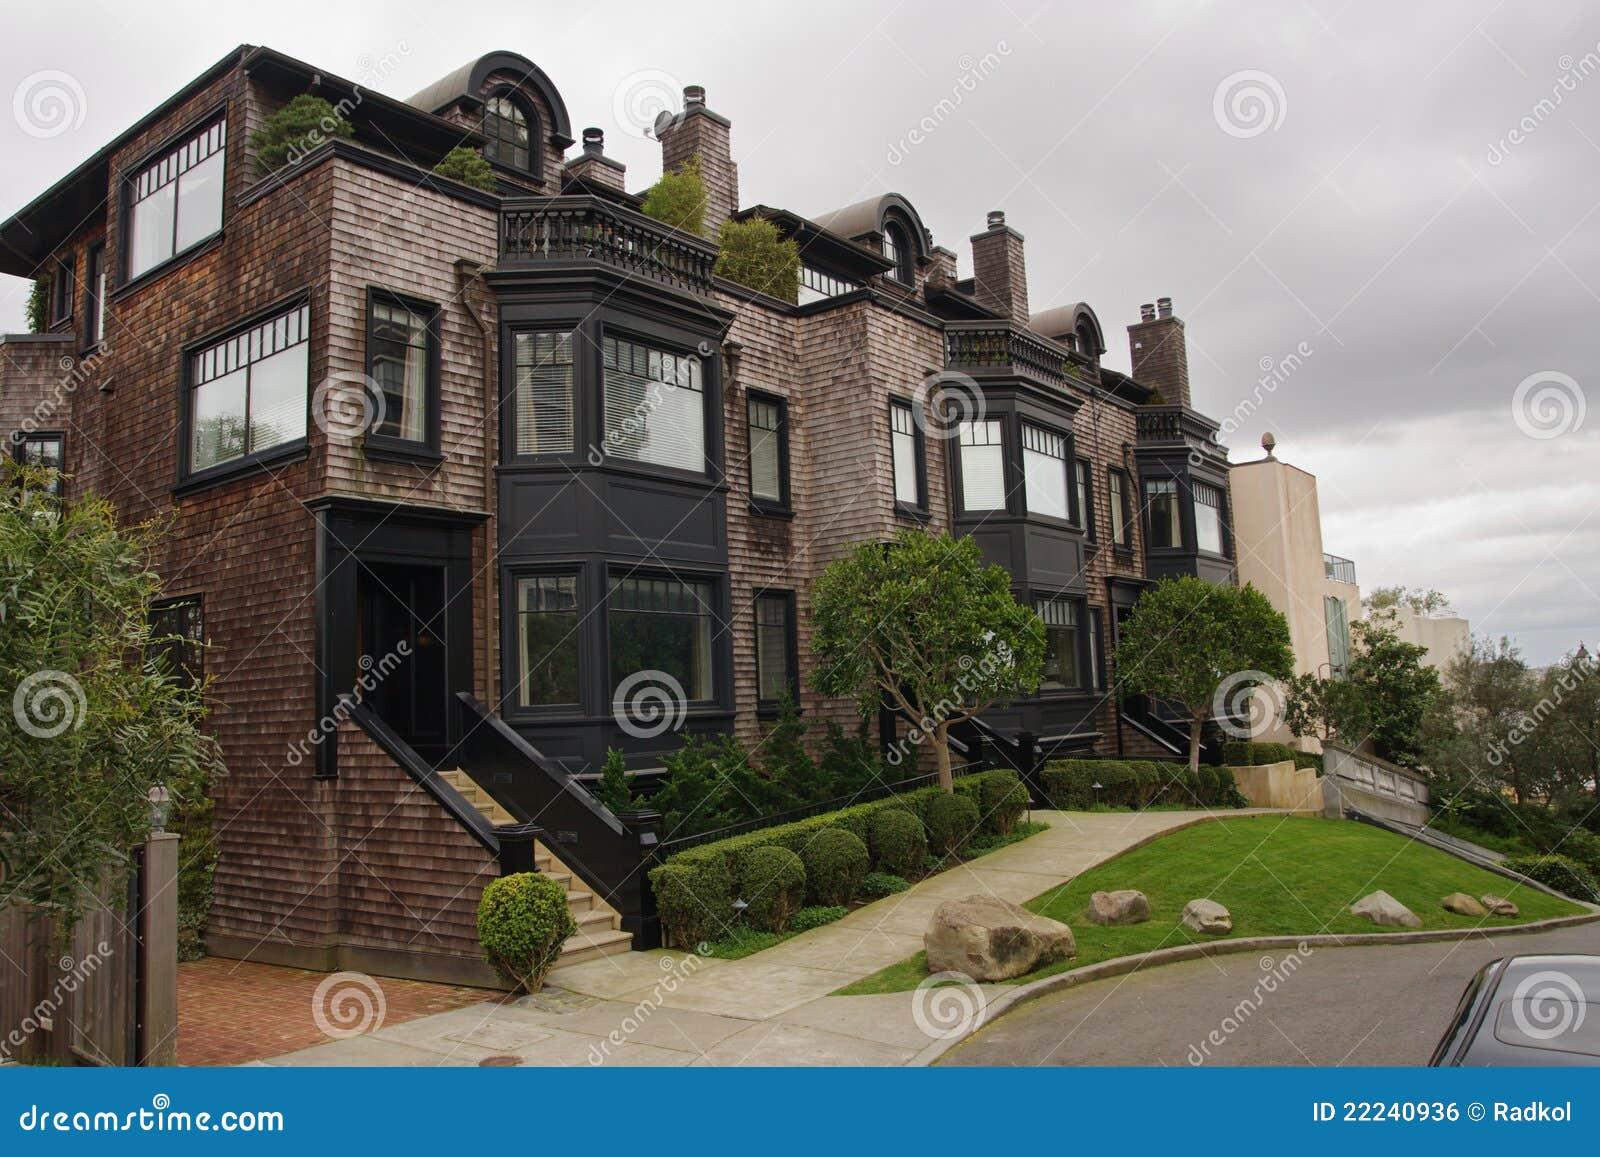 Klassische Häuser uf ussischem Hügel In San Francisco ... size: 1300 x 957 post ID: 2 File size: 0 B